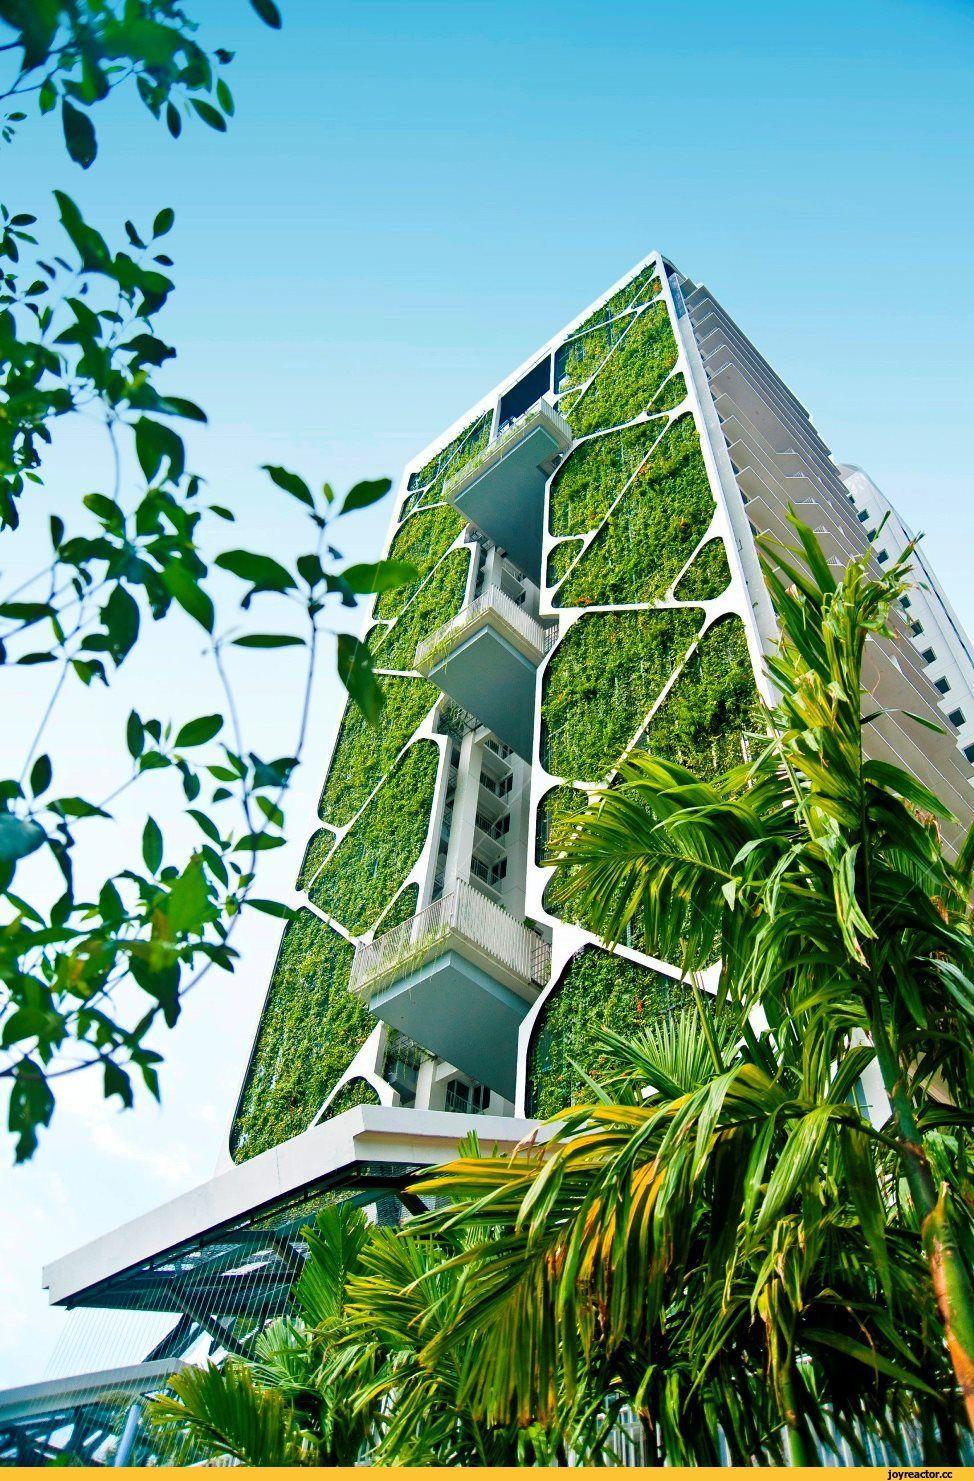 Olka nevka pinterest architecture immeuble - Immeuble vegetal ...